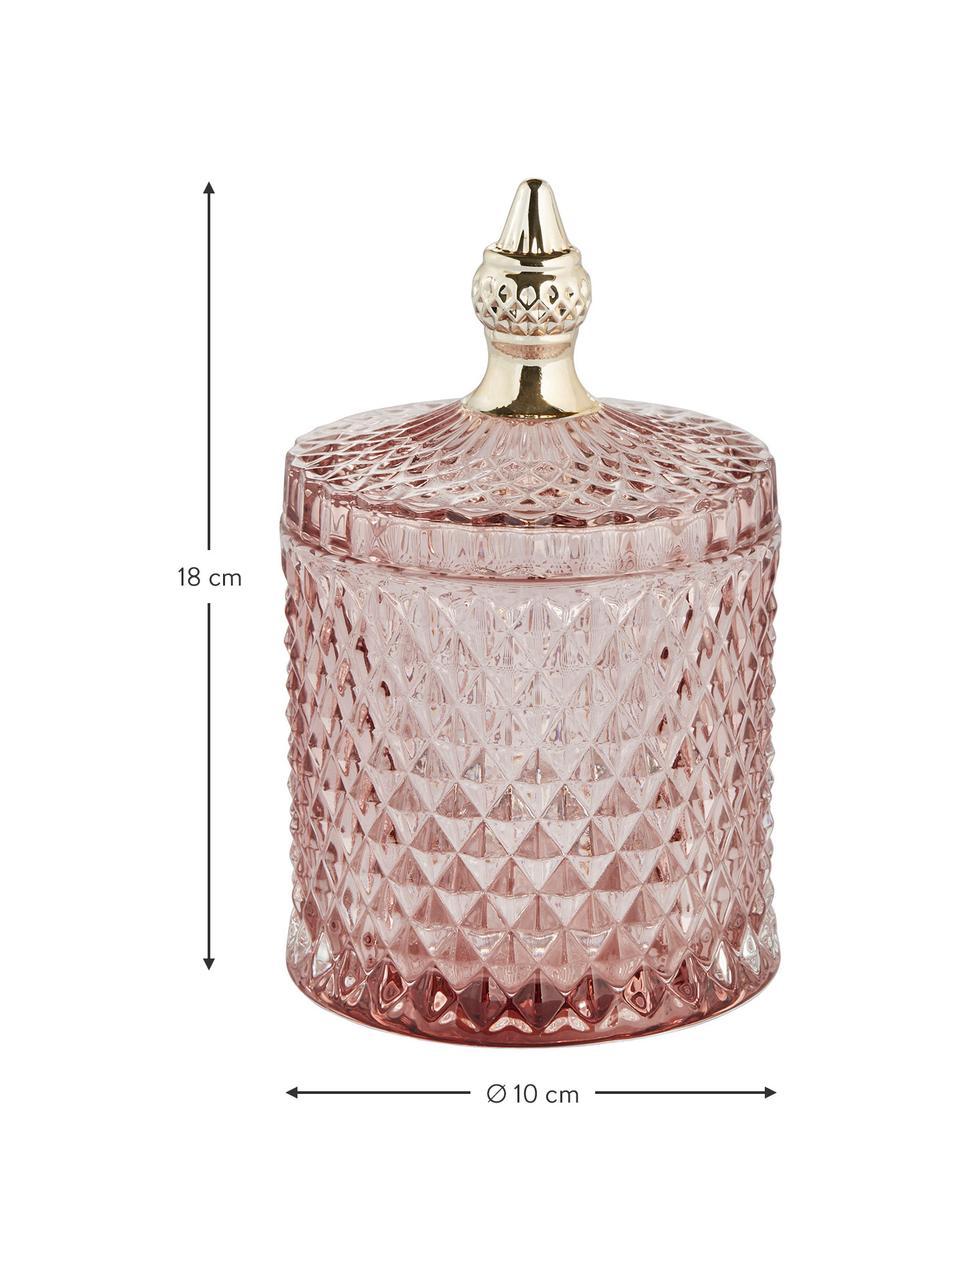 Pojemnik do przechowywania Miya, Szklanka, Różowy, transparentny, odcienie złotego, Ø 10 x W 18 cm